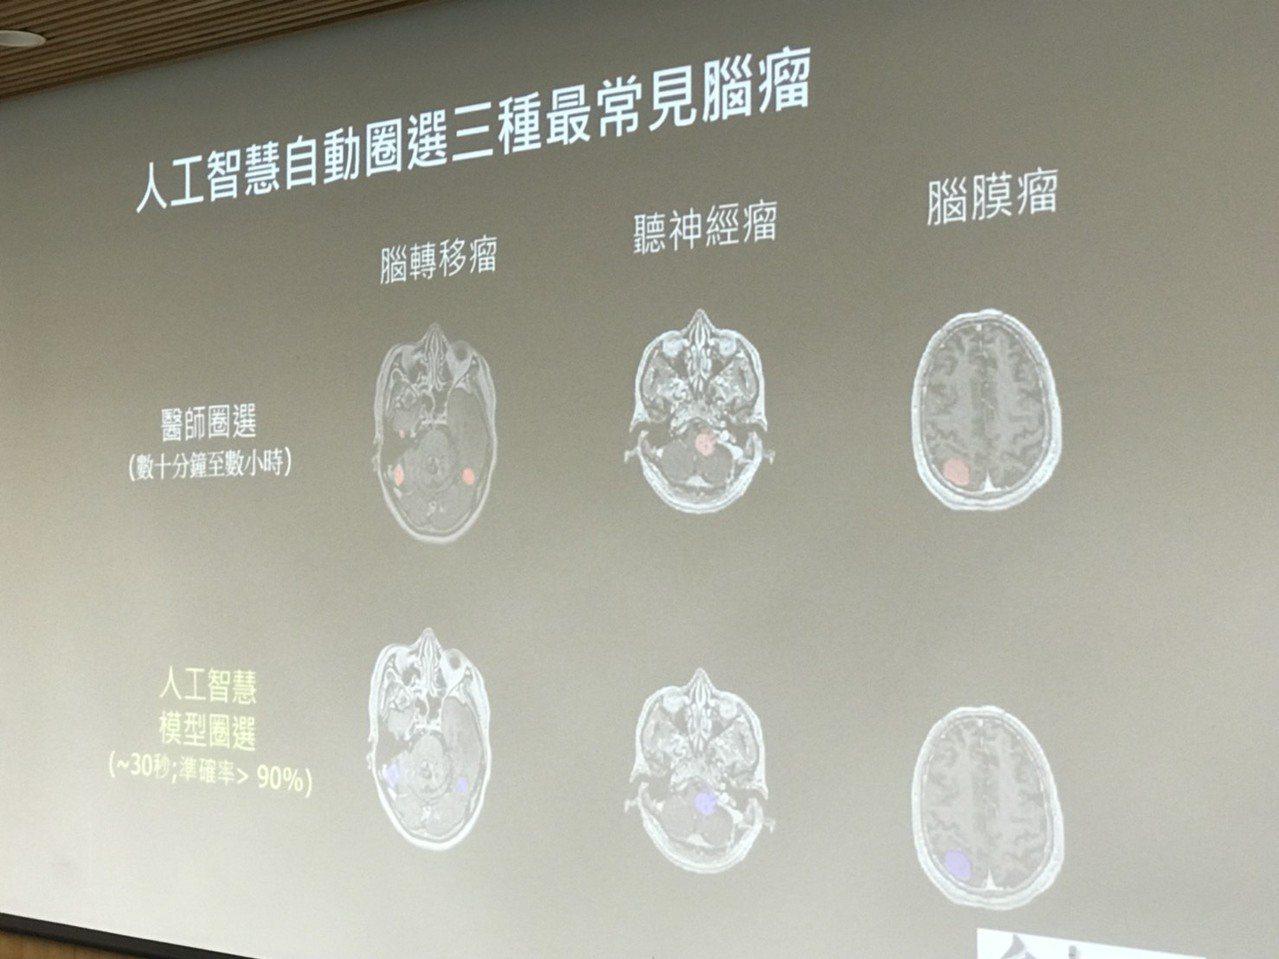 台大腫瘤醫學部主治醫師許峯銘表示,該技術目前已可應用於腦轉移瘤、腦膜瘤以及聽神經...